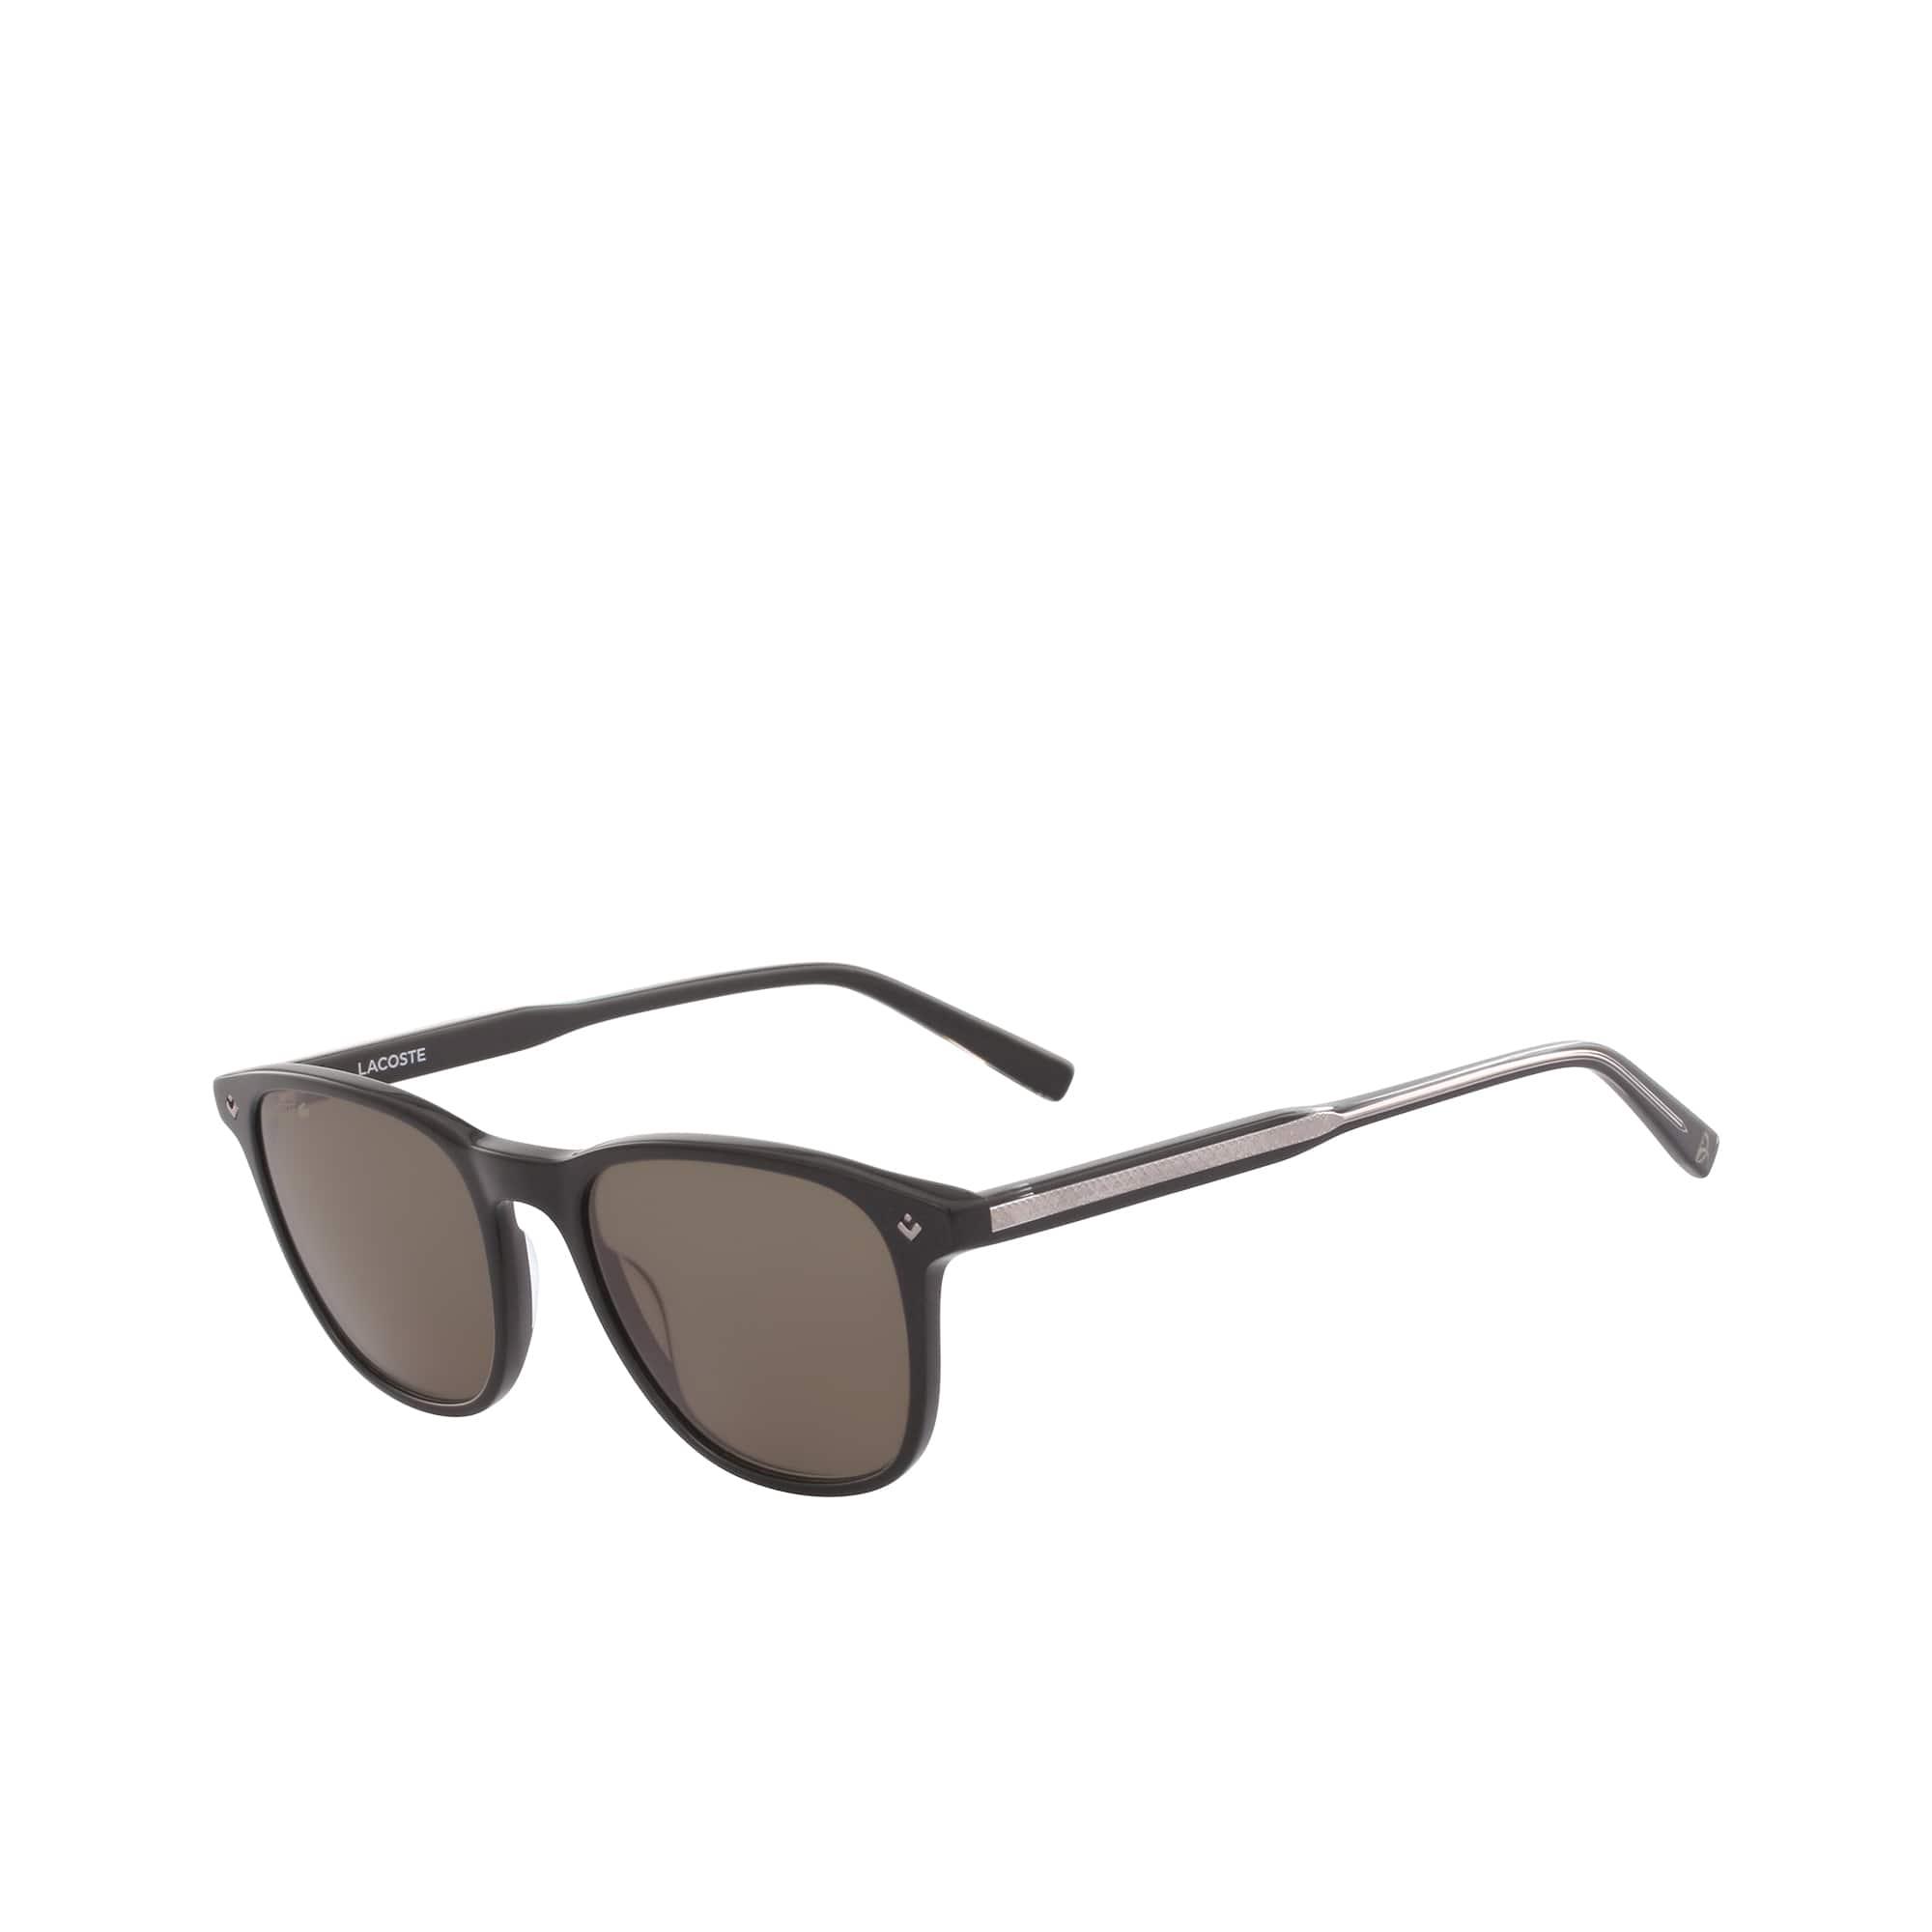 라코스테 선글라스 Lacoste Plastic Petit Pique Sunglasses,MATT BLACK • 001